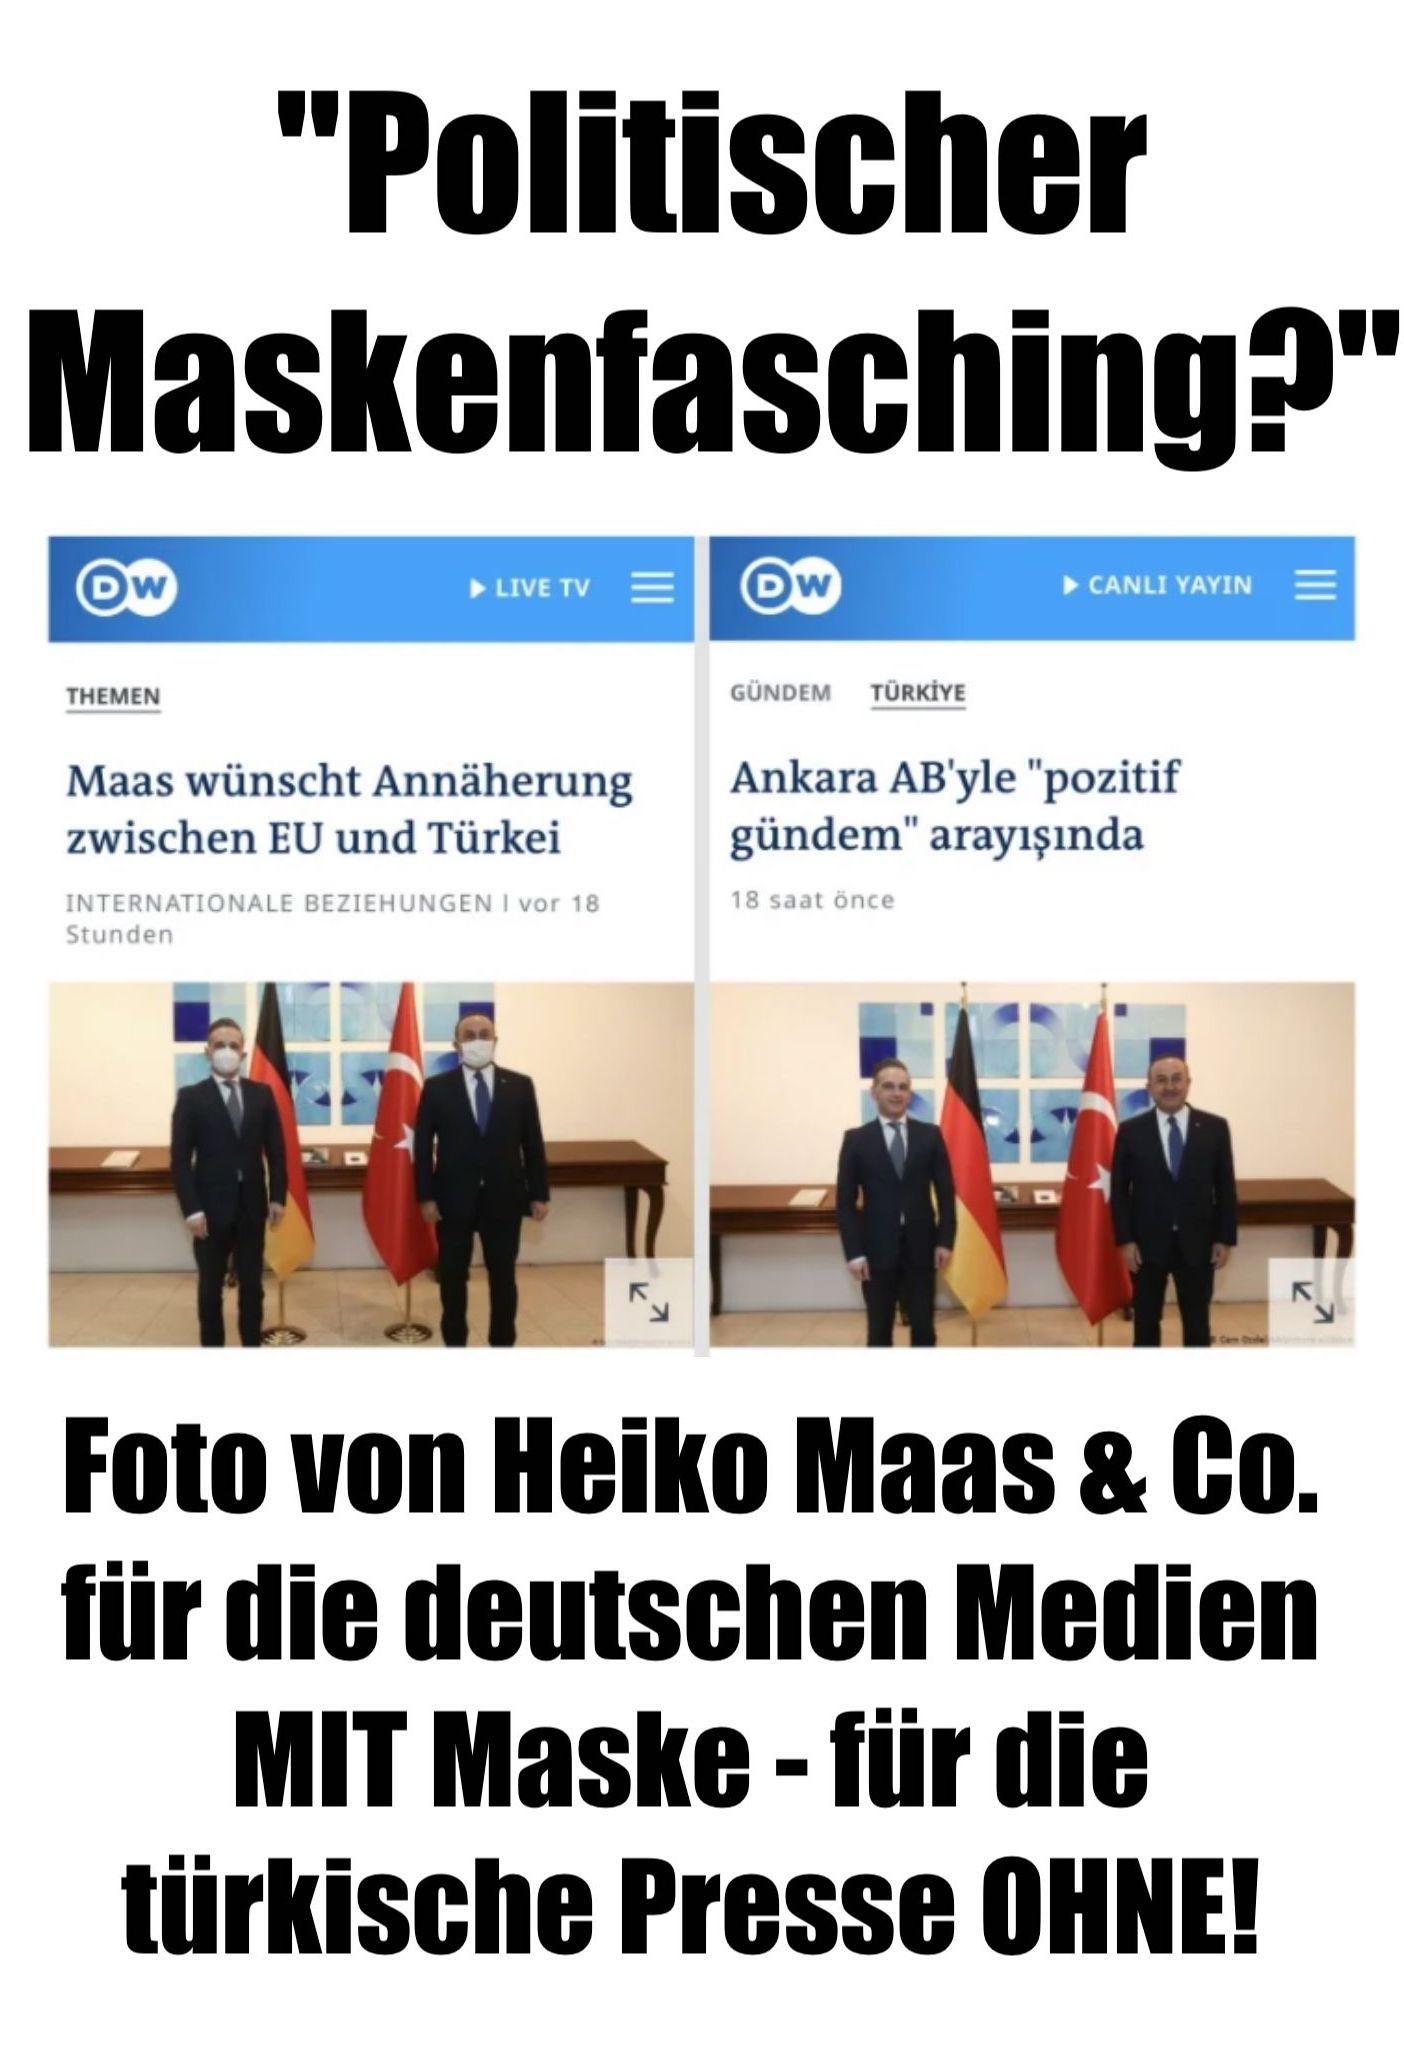 """""""Politischer Maskenfasching?"""": Foto von Heiko Maas & Co. für die deutschen Medien MIT Maske - für die türkische Presse OHNE! So werden Sie für dumm verkauft!"""